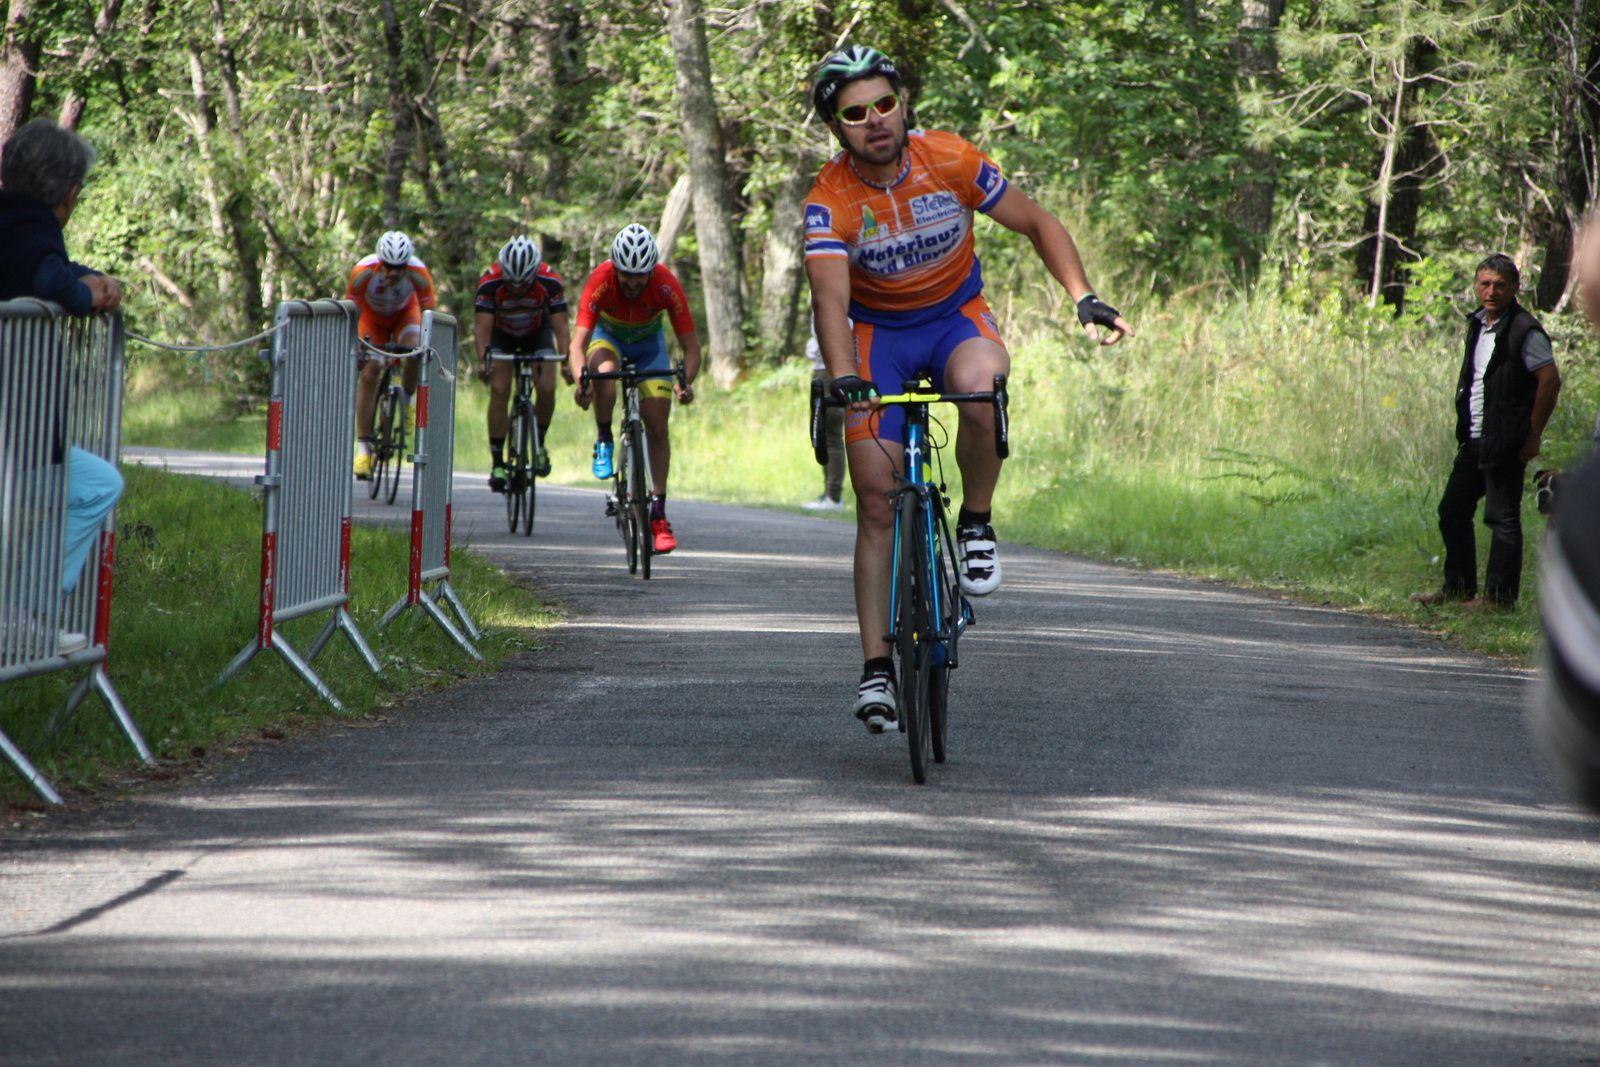 L'arrivée  et  la  victoire  pour  Julien LARIGNON(NL)